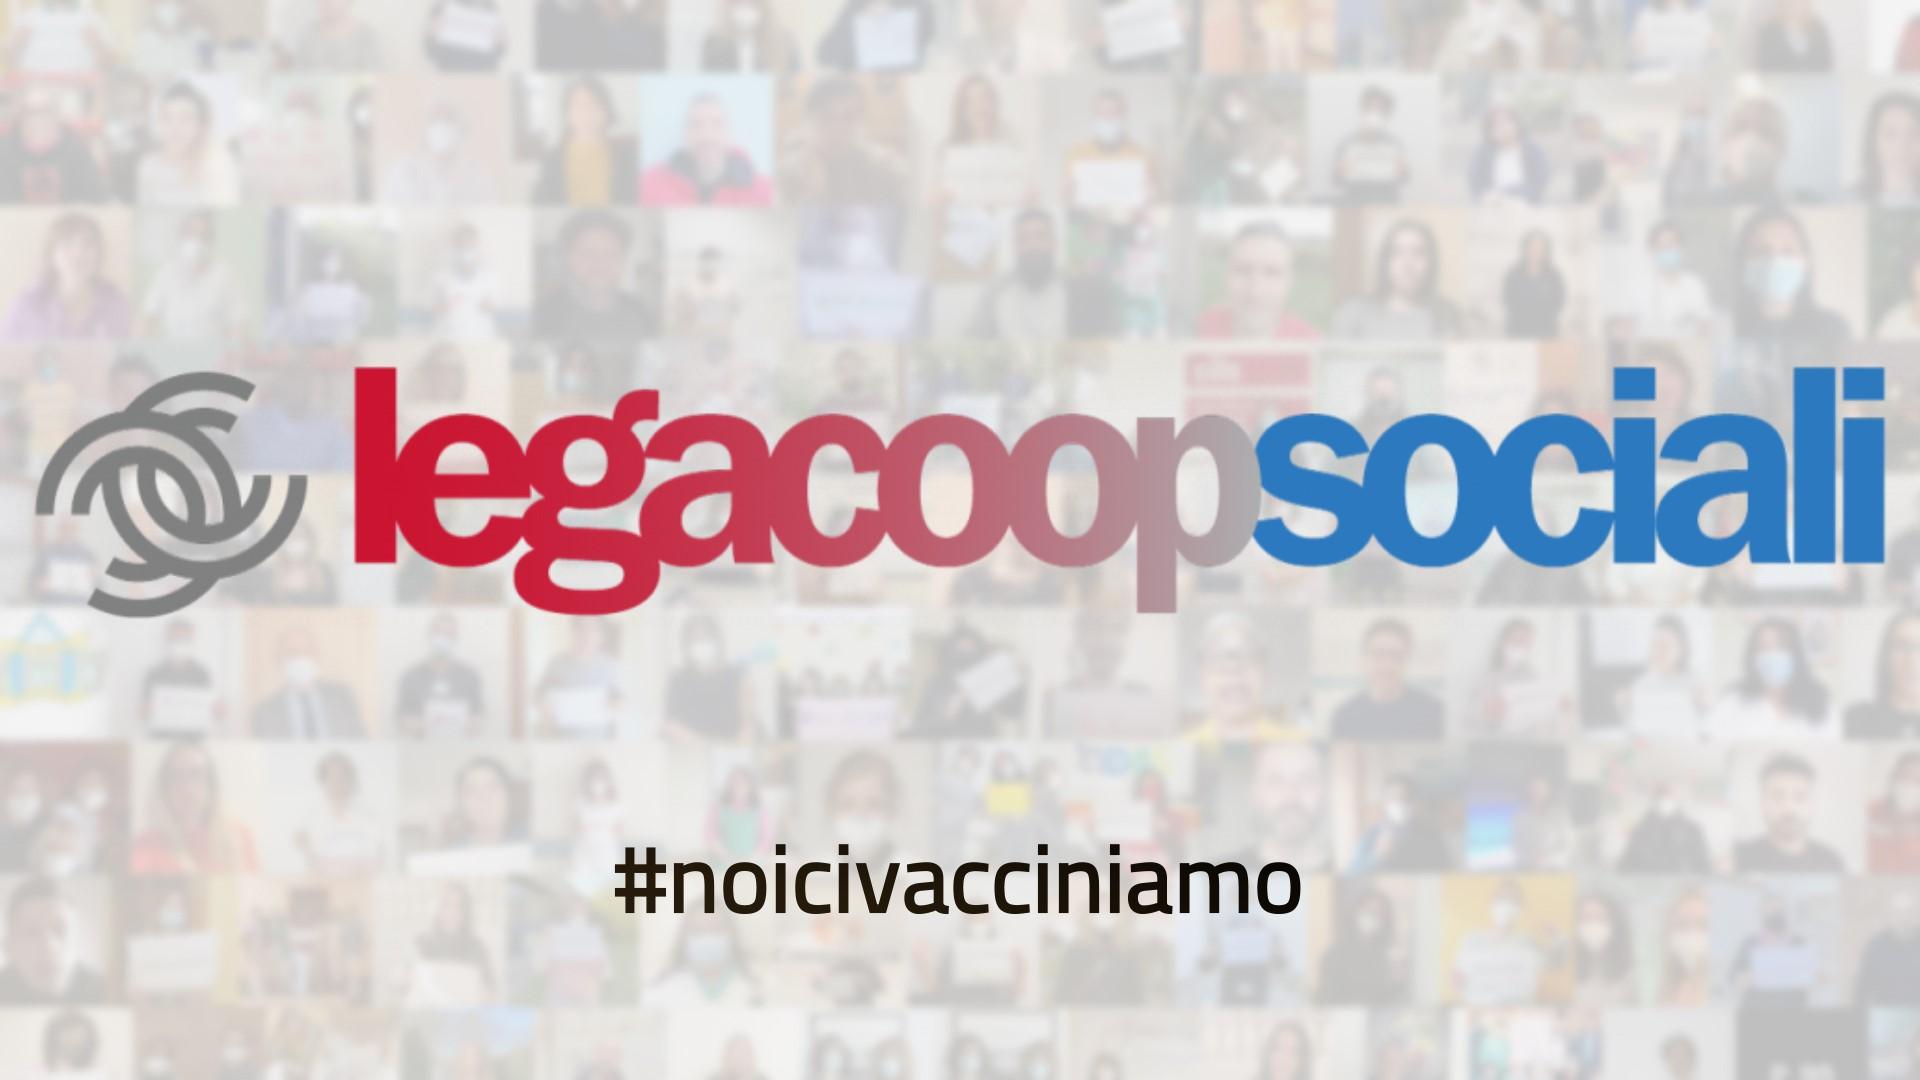 #noicivacciniamo: al via la campagna di Legacoopsociali